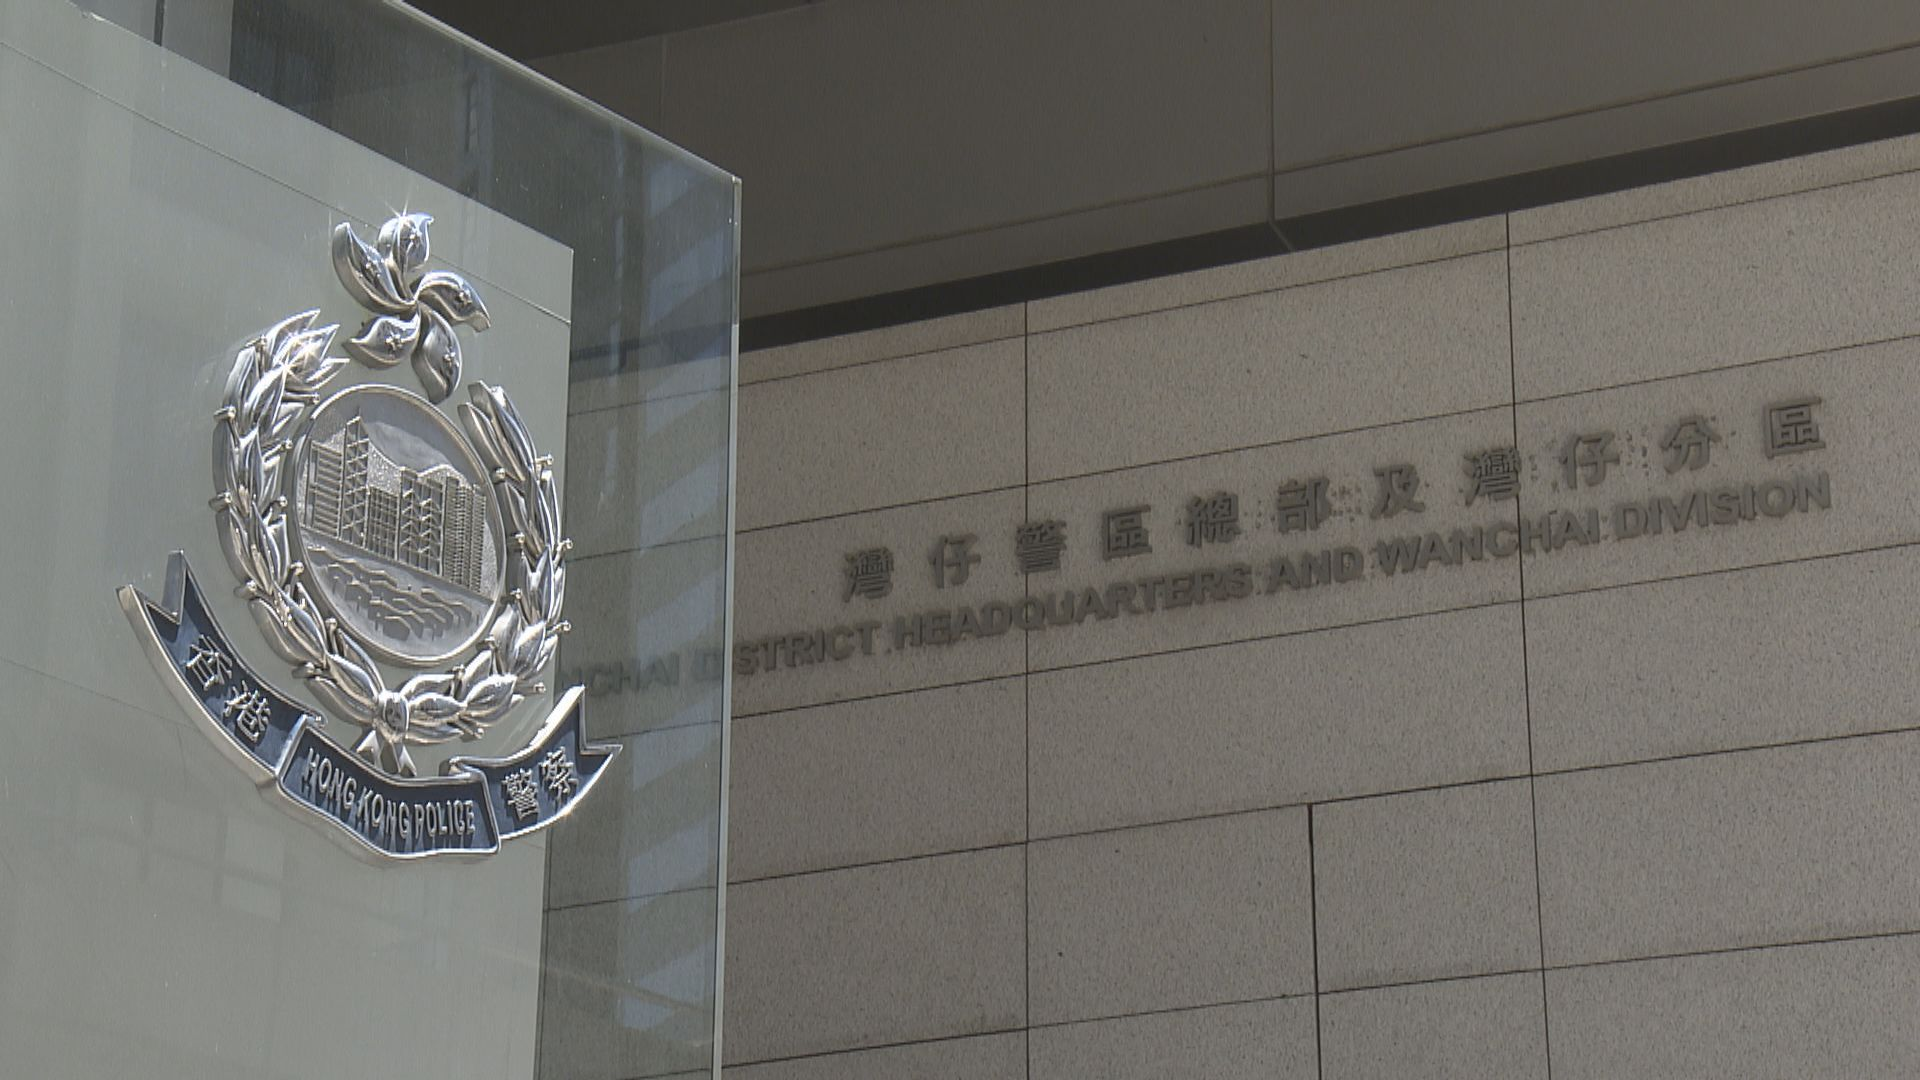 警方呼籲市民周日不要參與未經批准集結